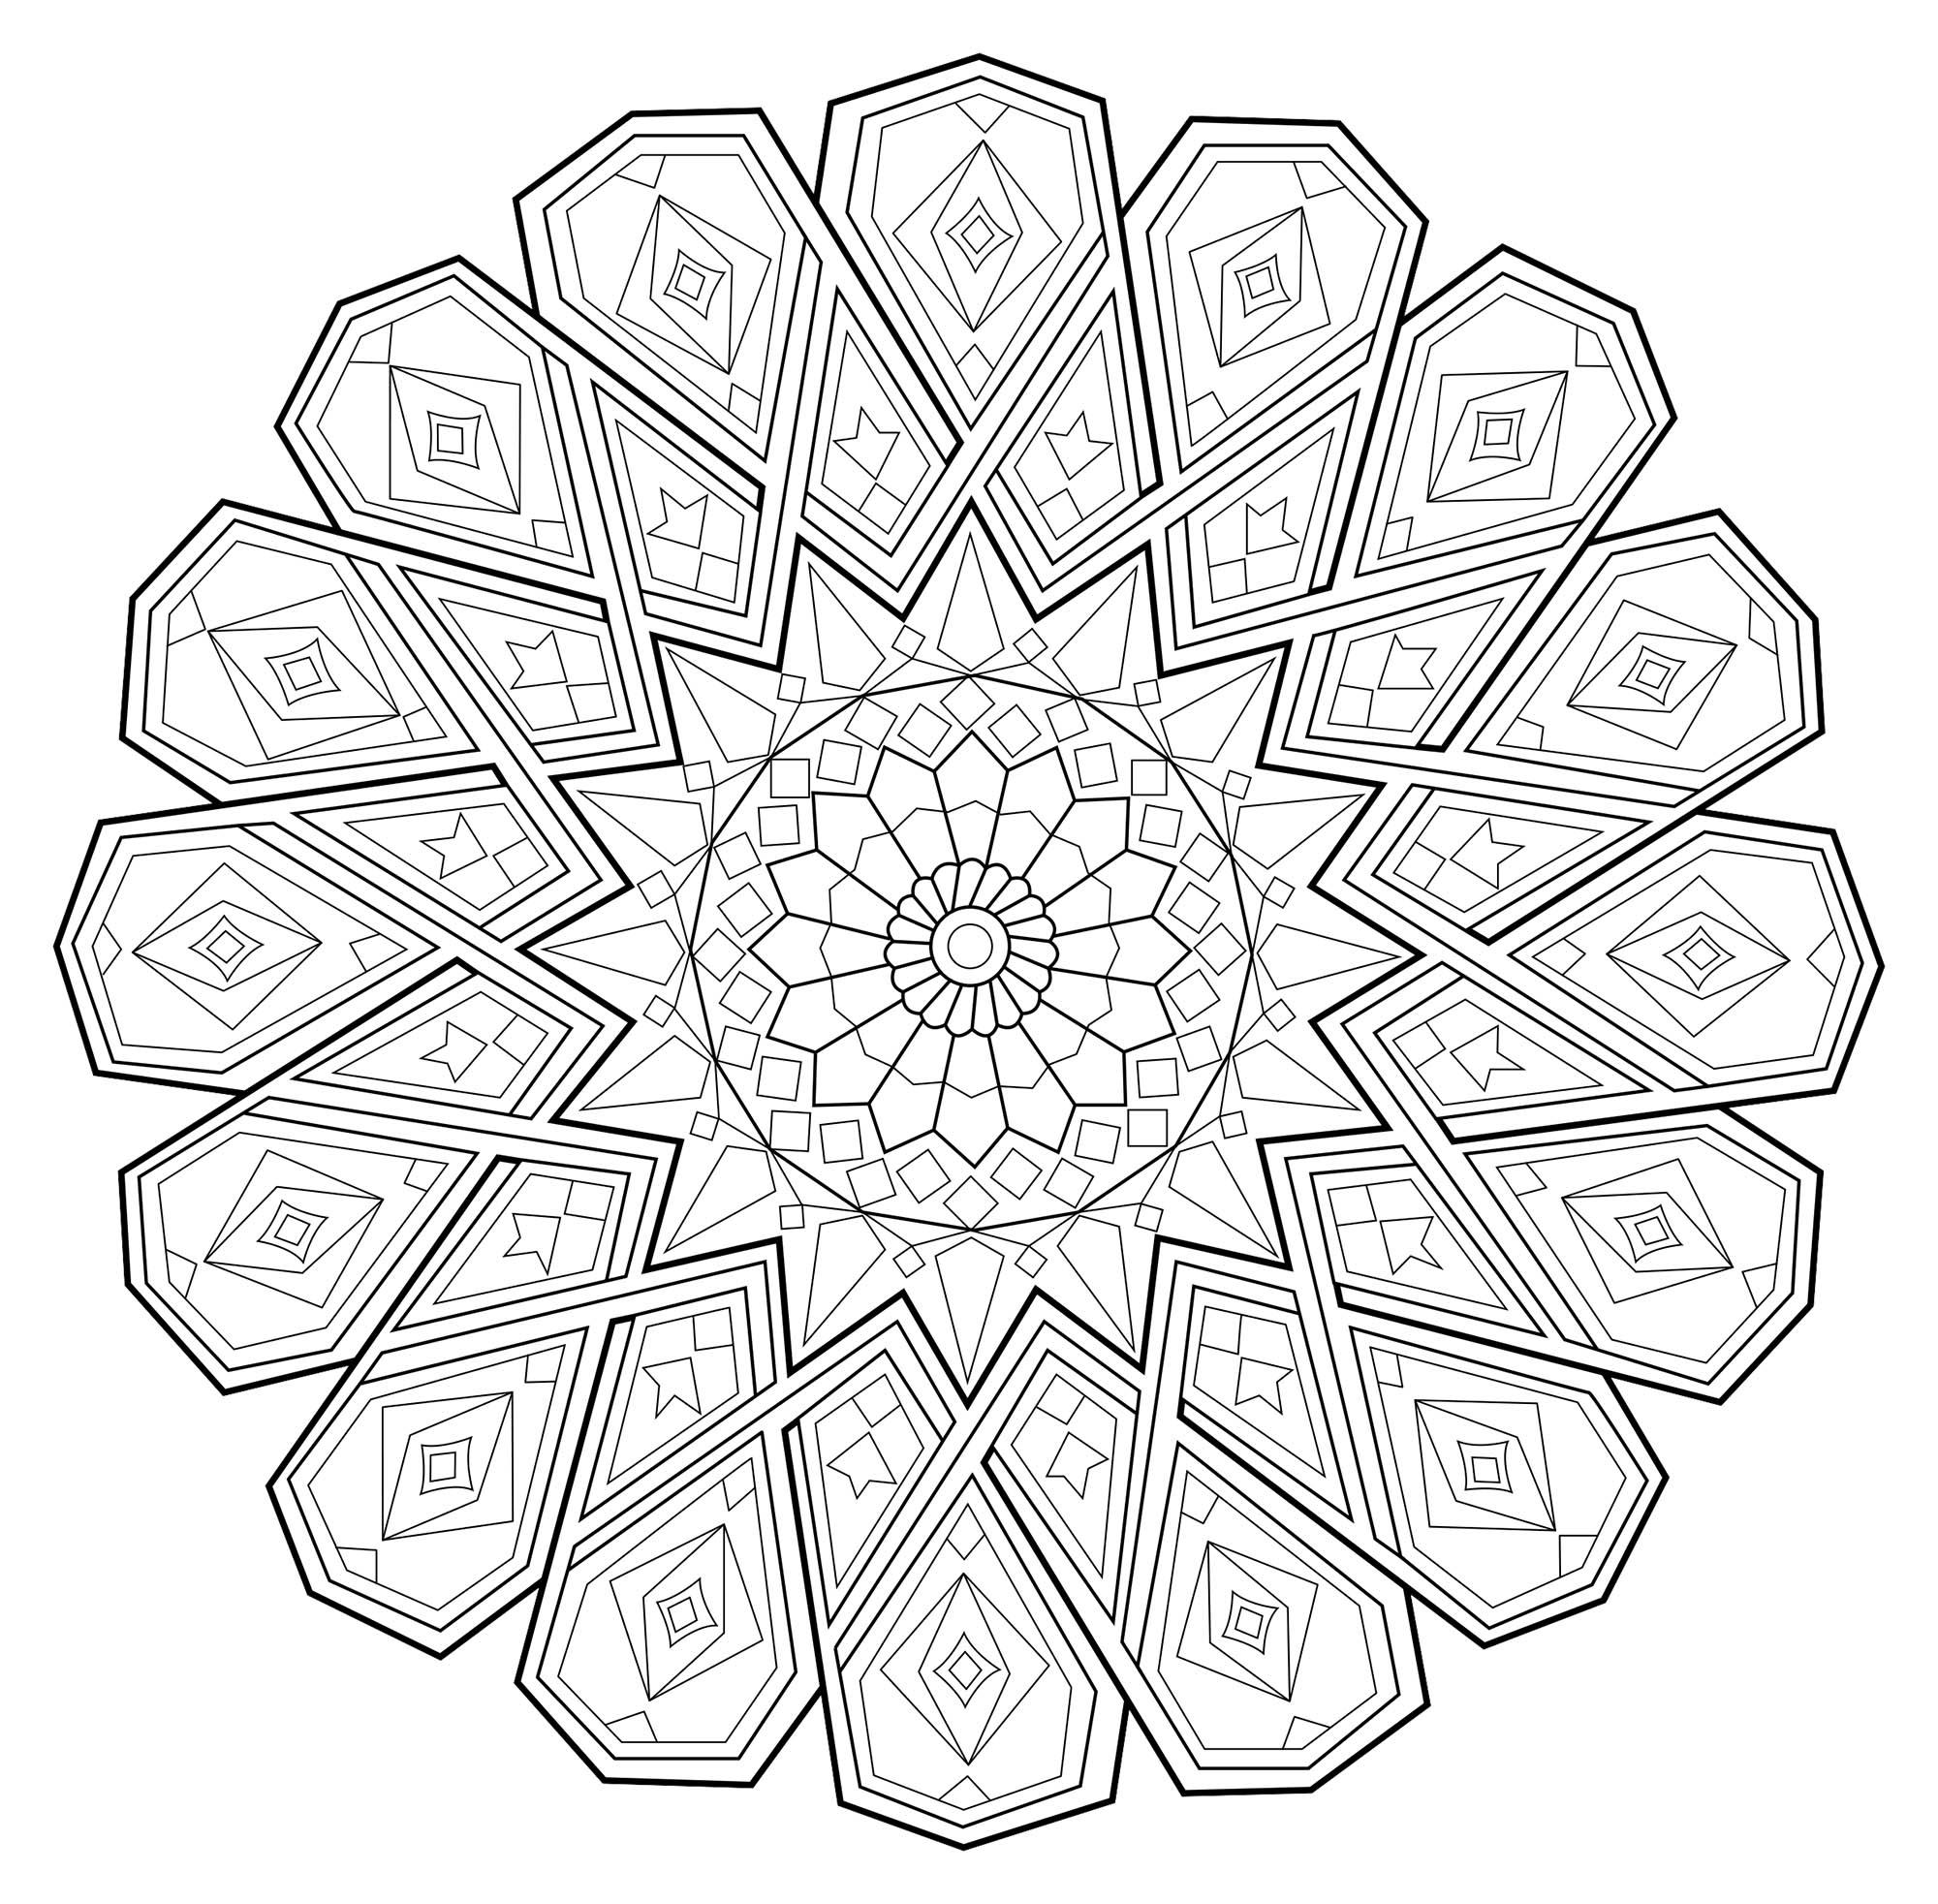 Élégant Dessin A Colorier A Imprimer Mandala